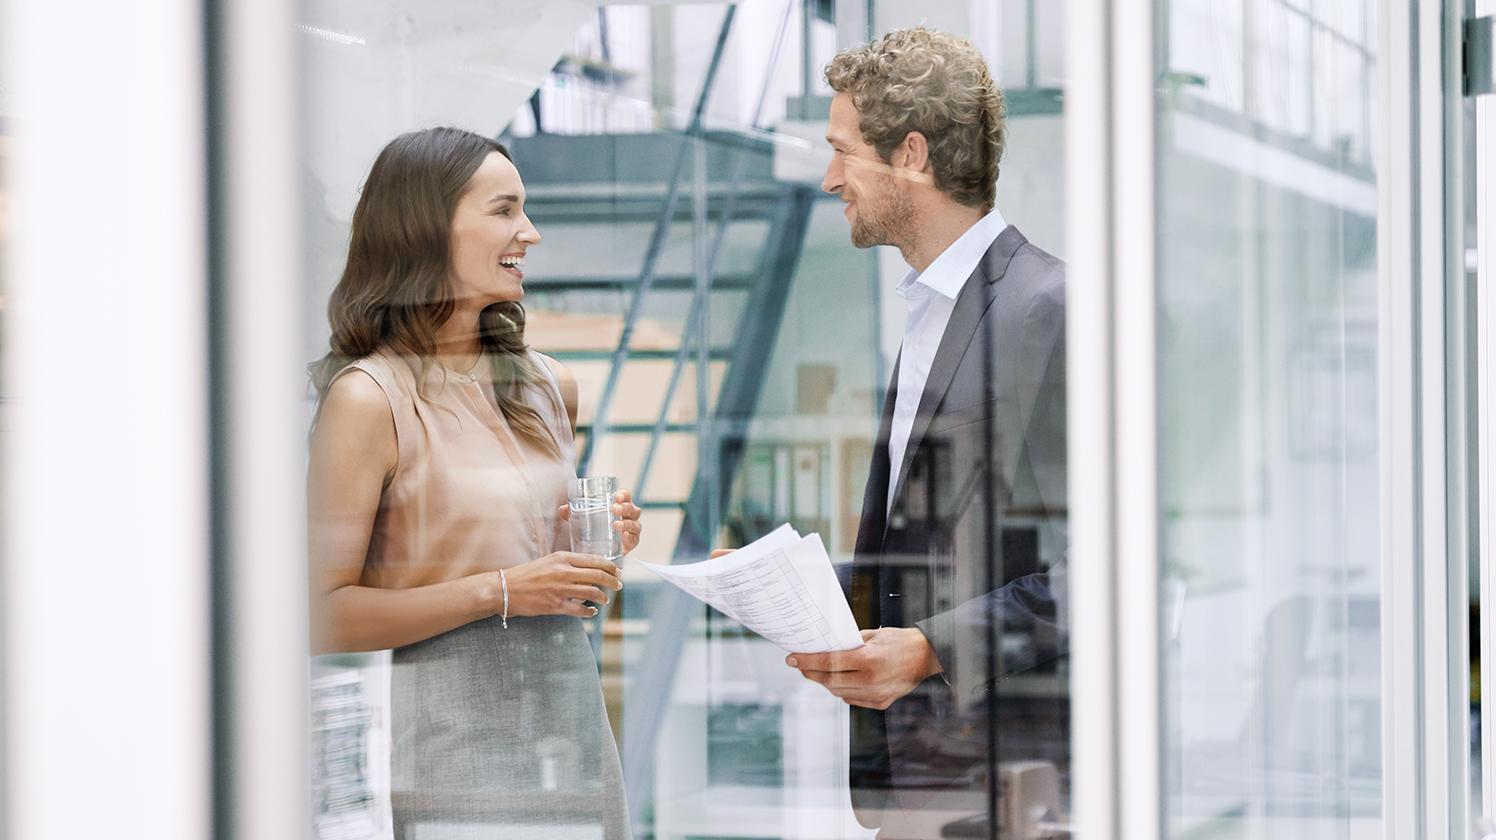 BRITA ograniczanie odpadów rozmowa w miejscu pracy